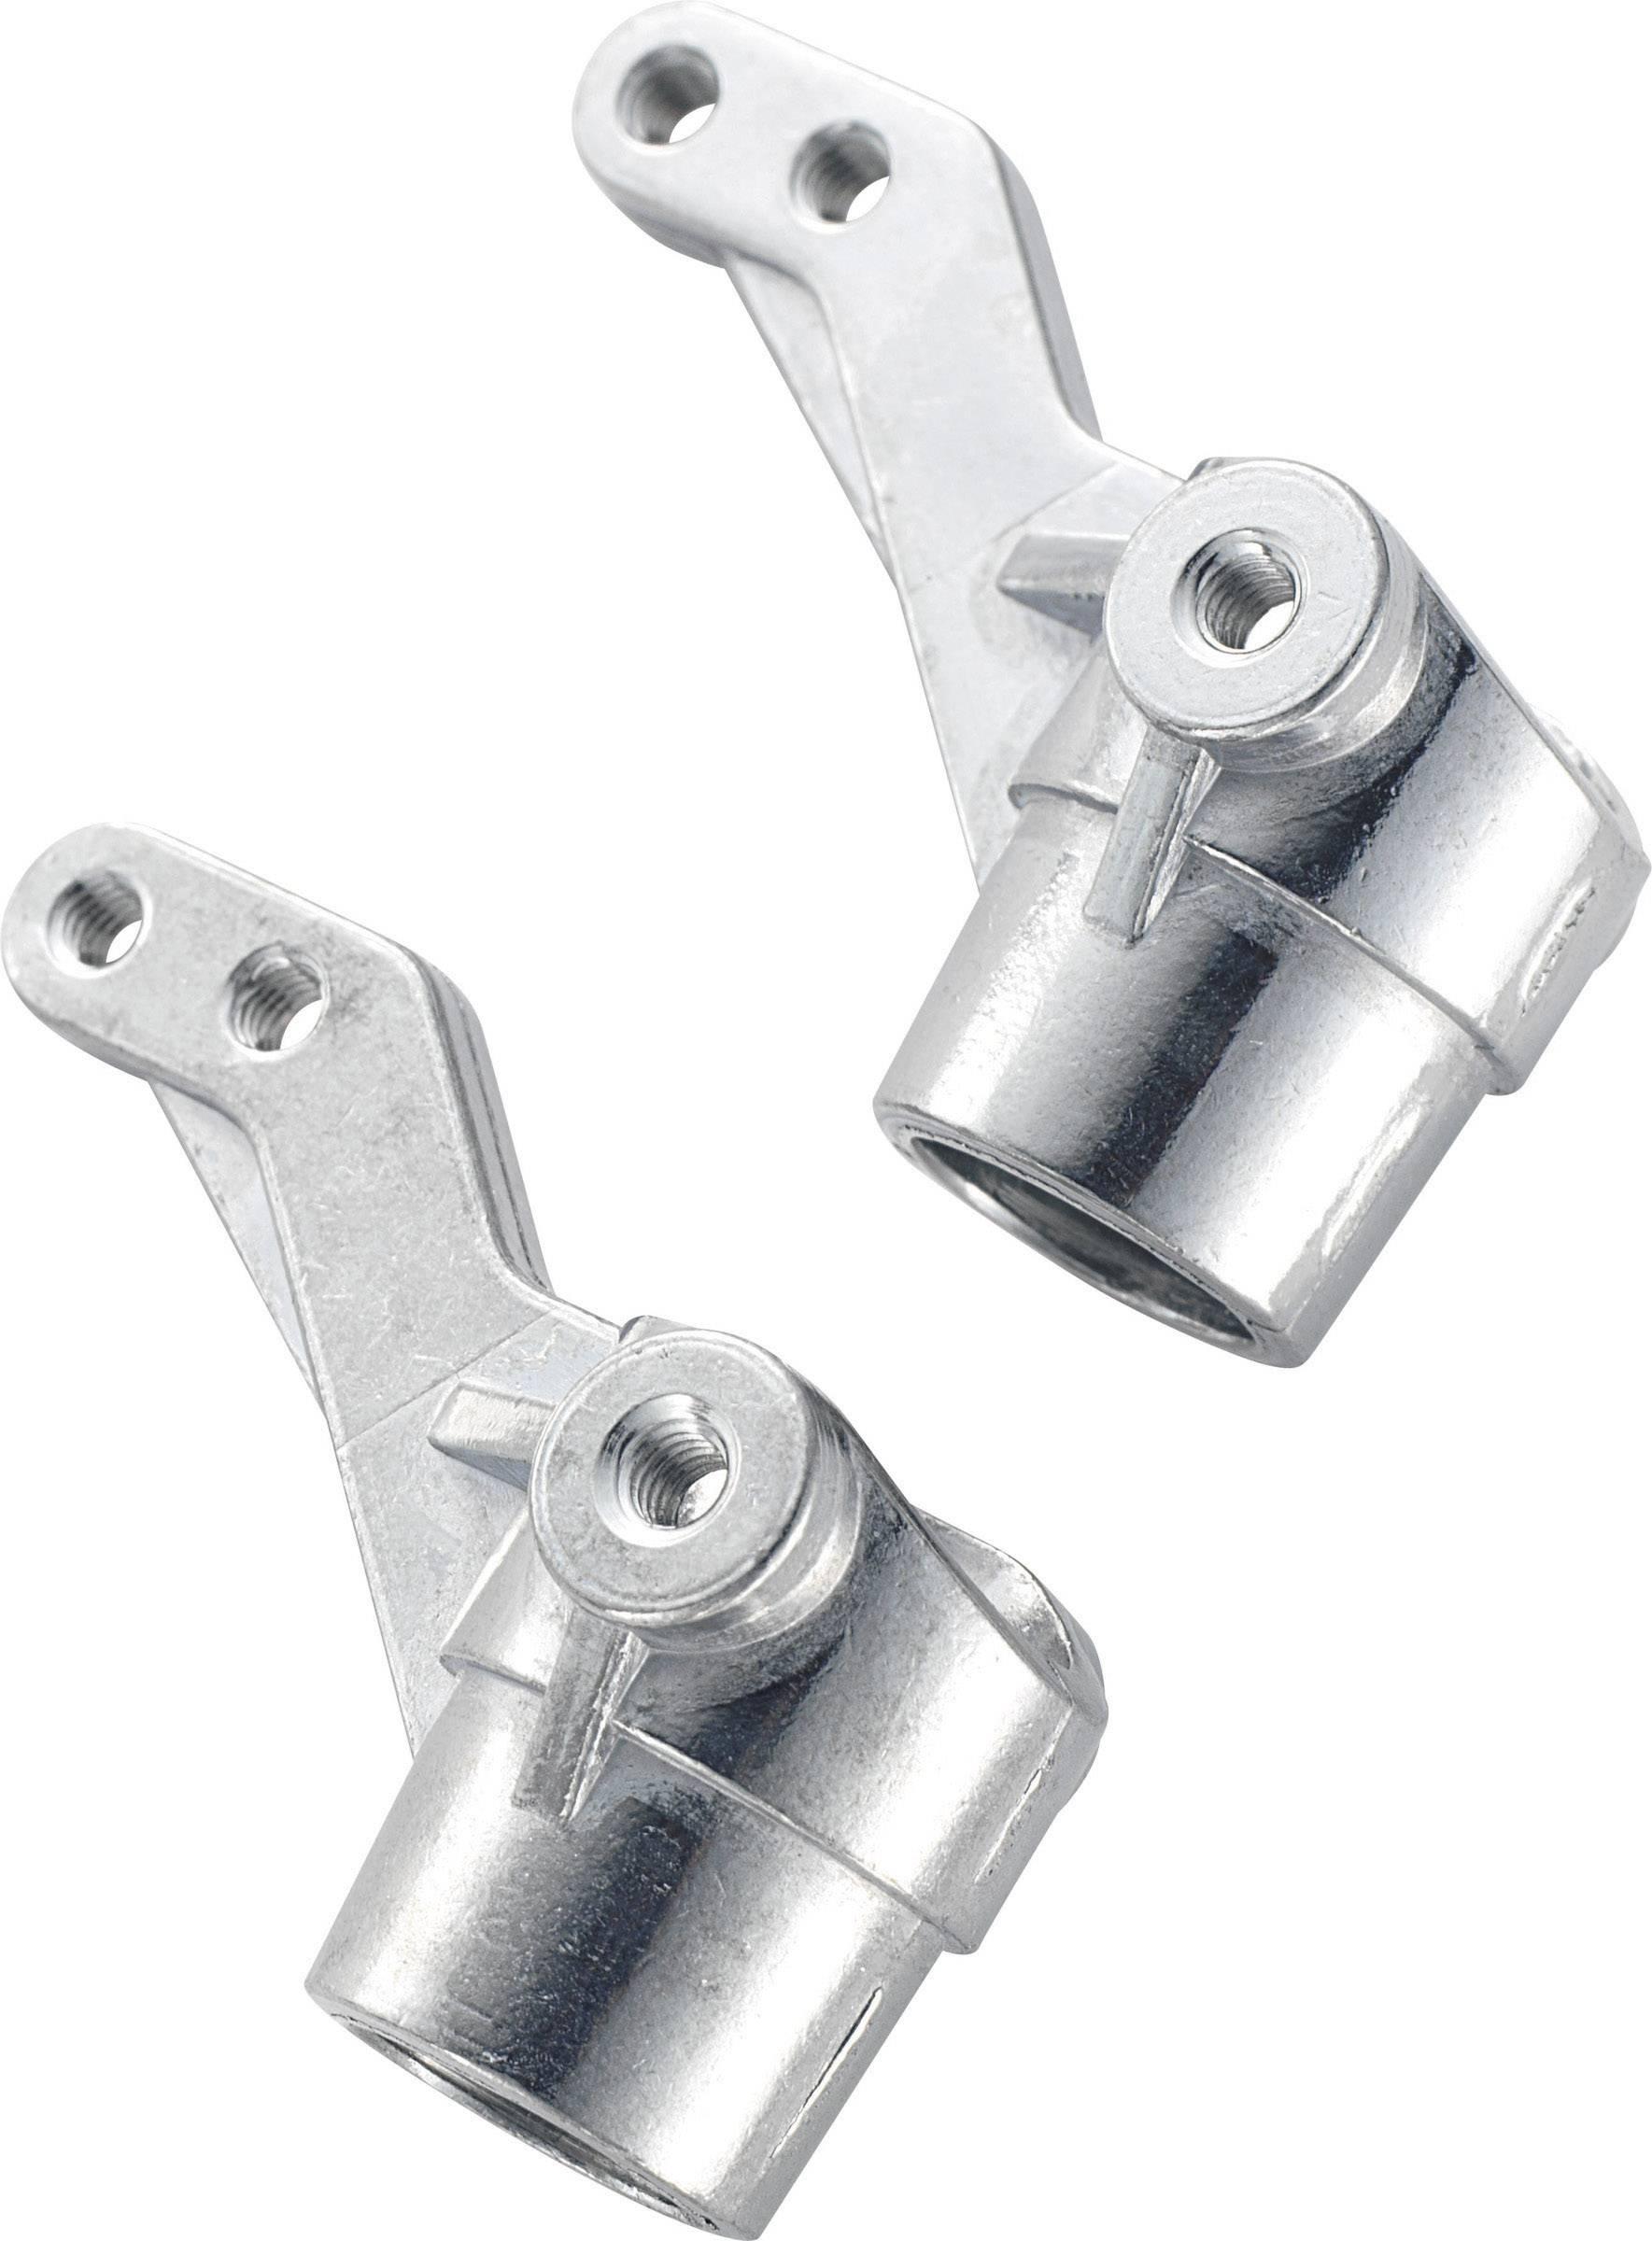 Hliníková těhlice předního kola Reely, 2 ks, 1:10 (VA134)